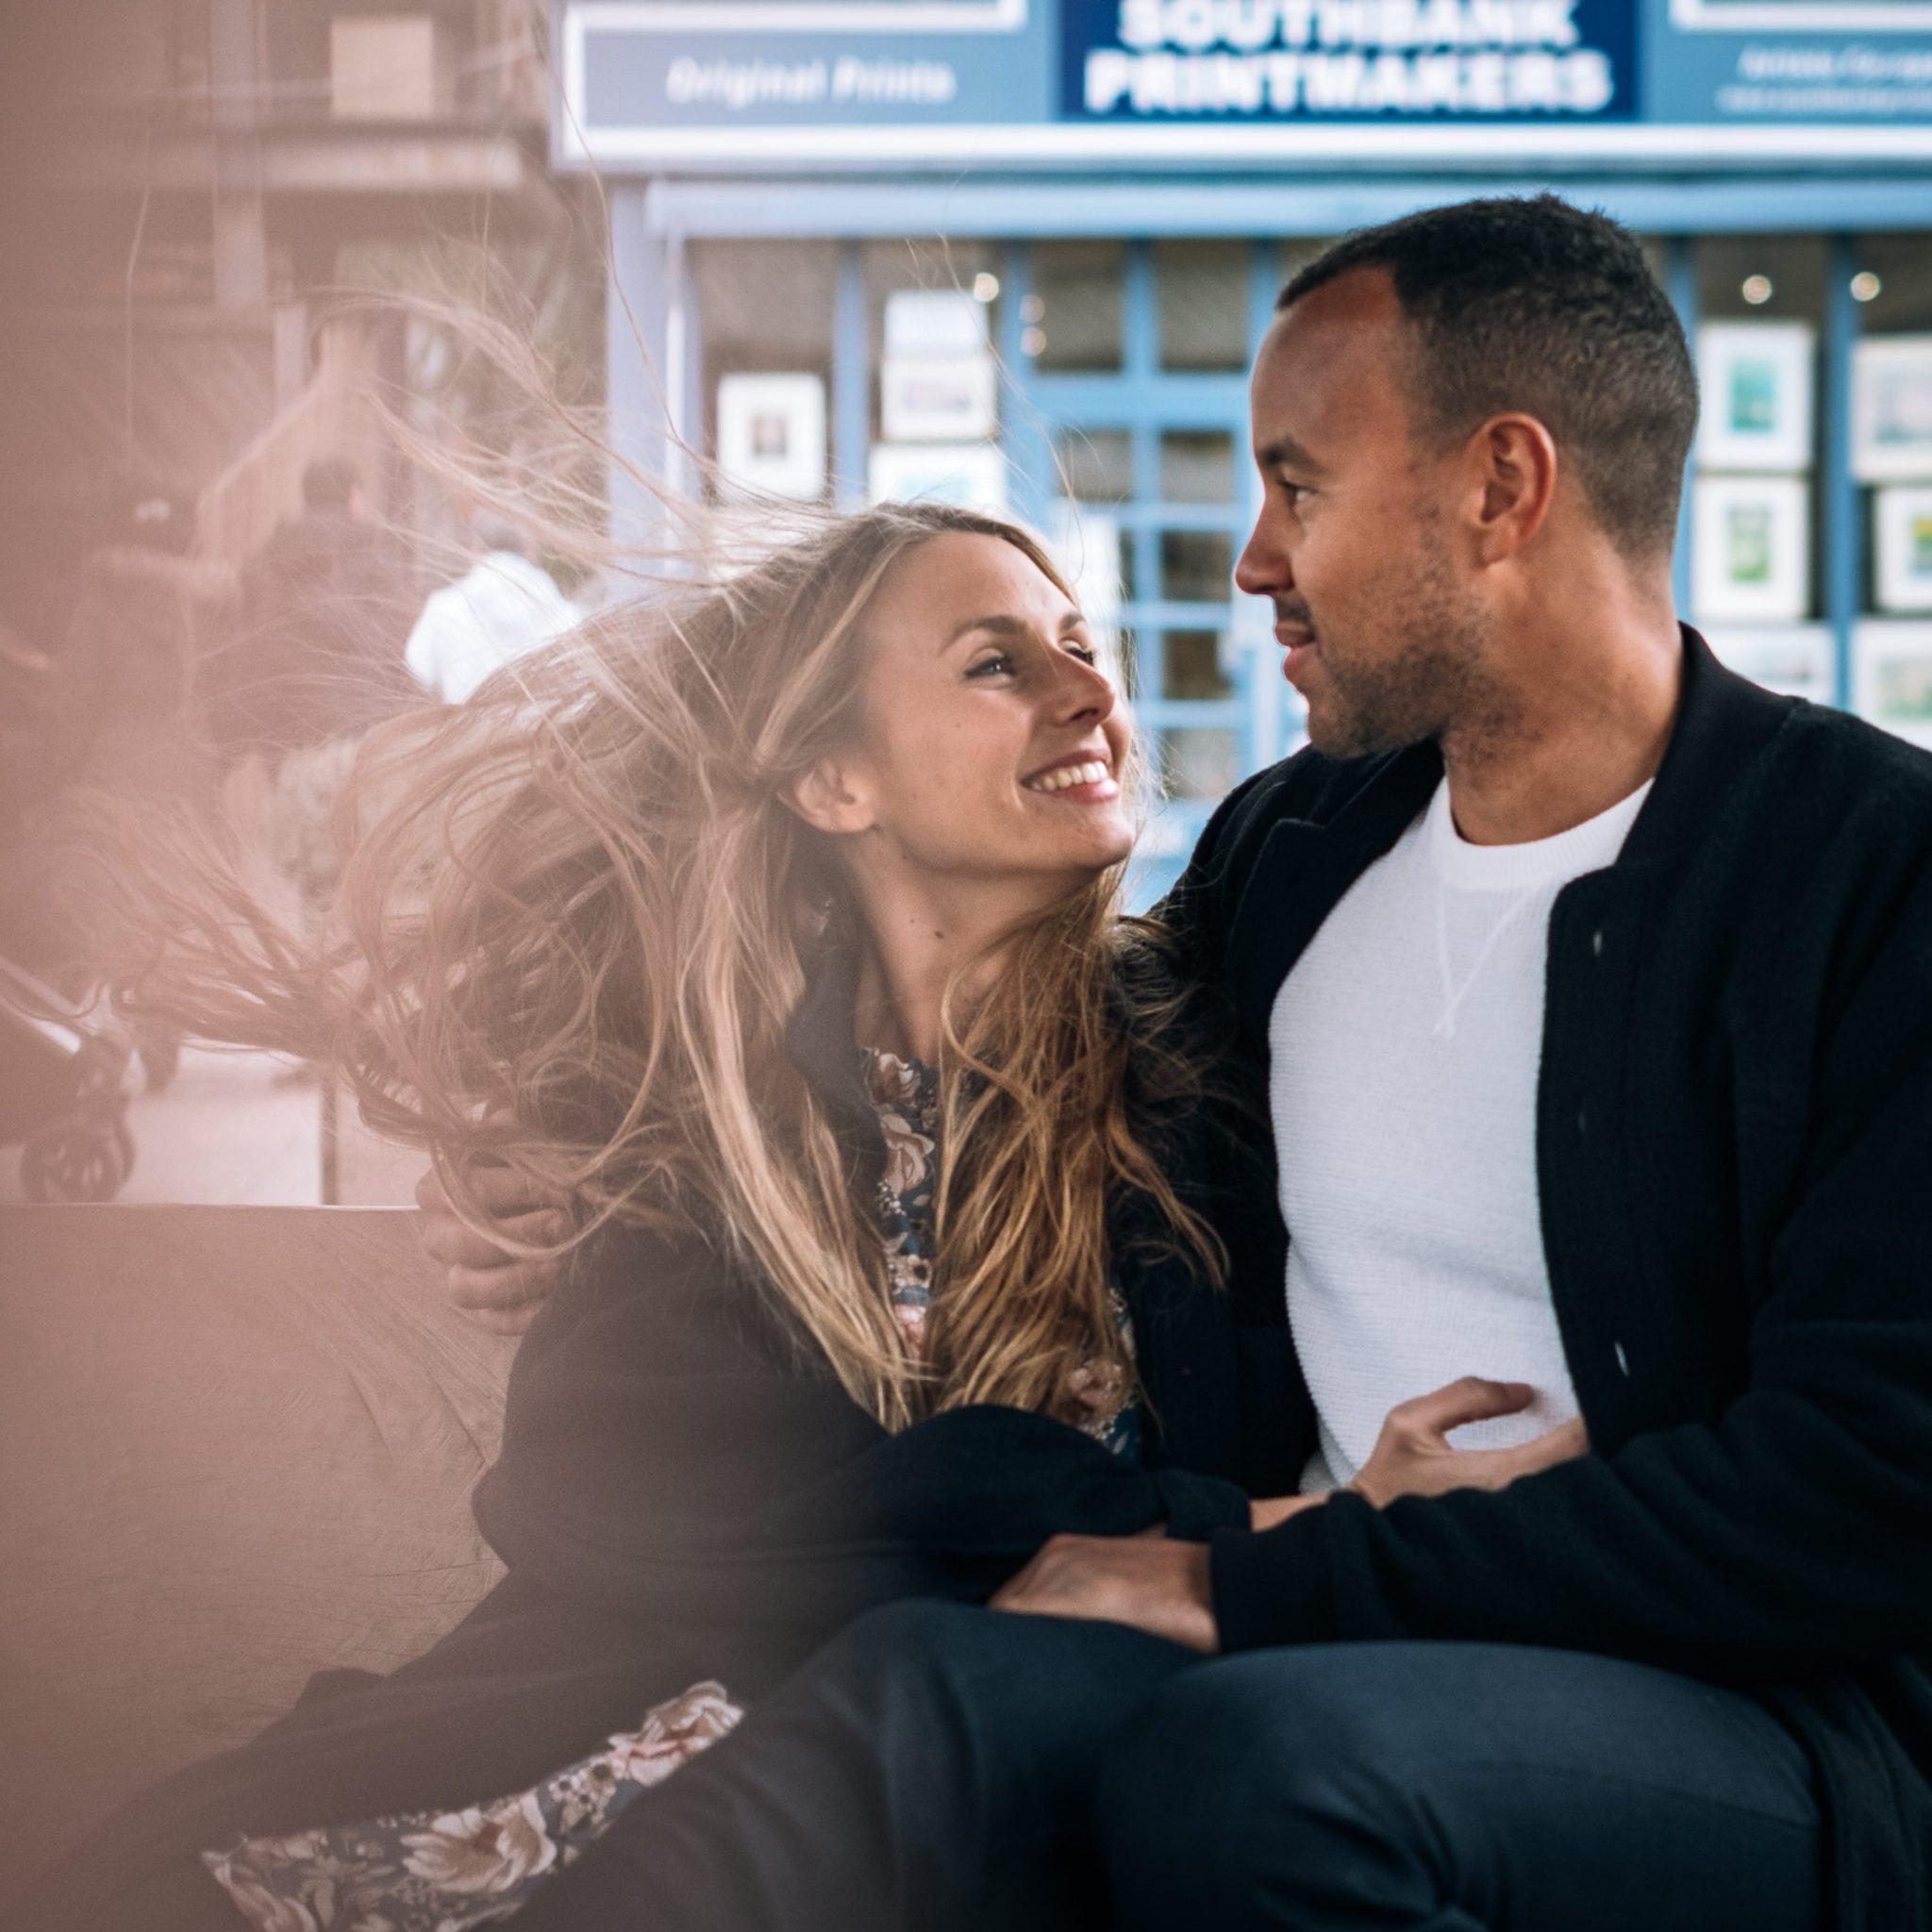 una coppia di fidanzati si scambiano dolci sguardi seduti su una panchina